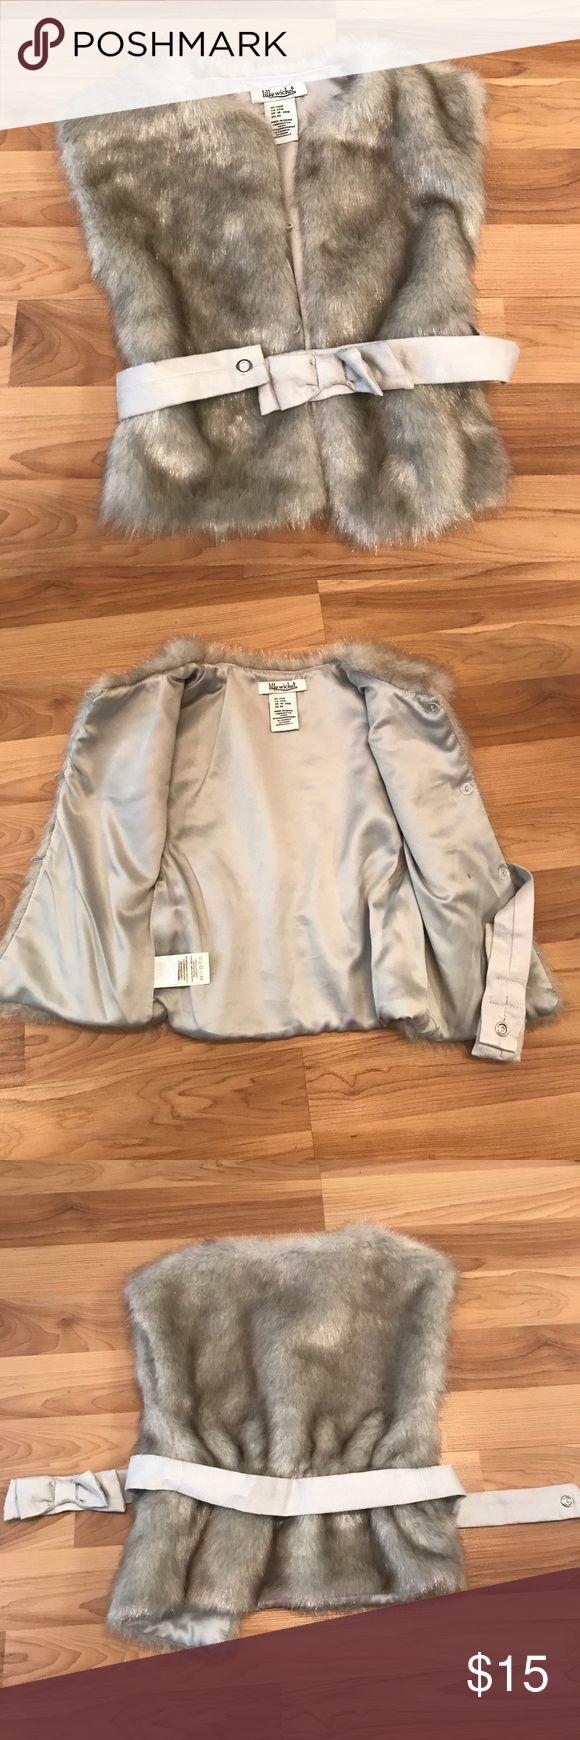 Adorable faux fur vest size 24 months EUC fur vest with bow tie belt, well made! Jackets & Coats Vests